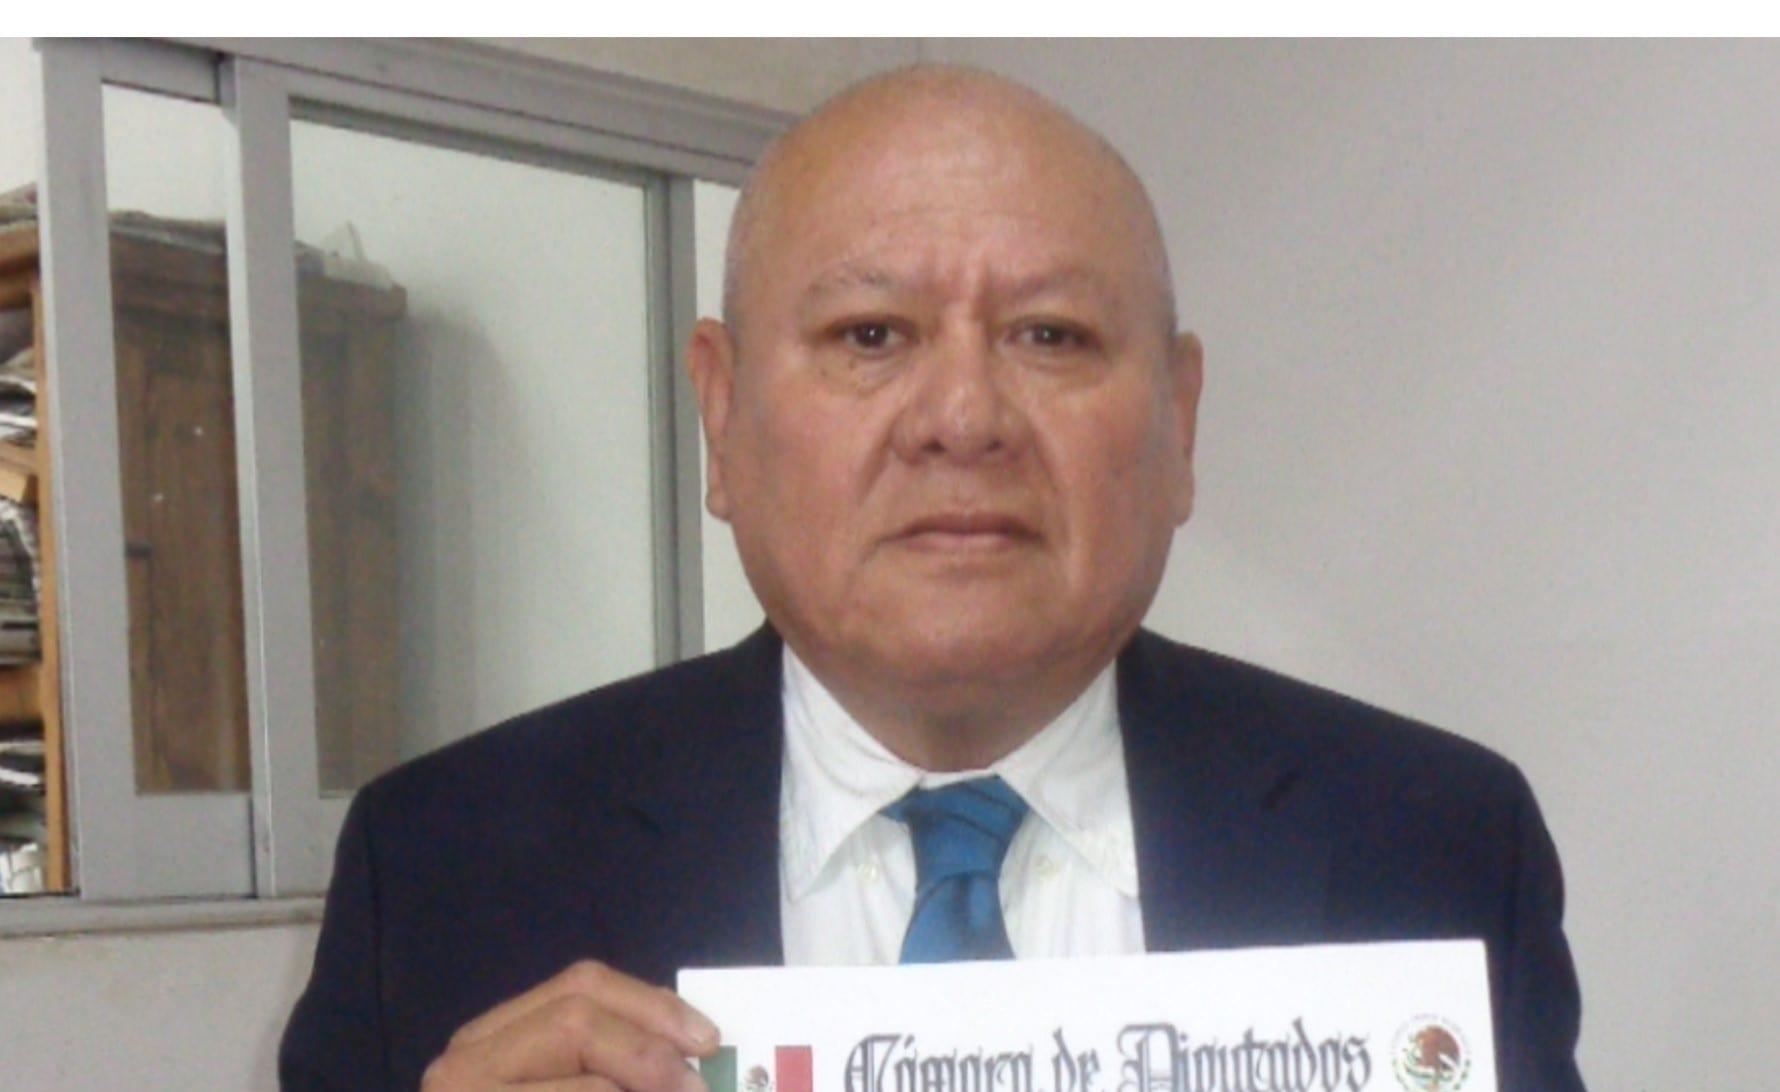 Detener las remesas en protesta de que Morena no haya apoyado a candidatos migrantes, pidió Plácido Jiménez Amigón